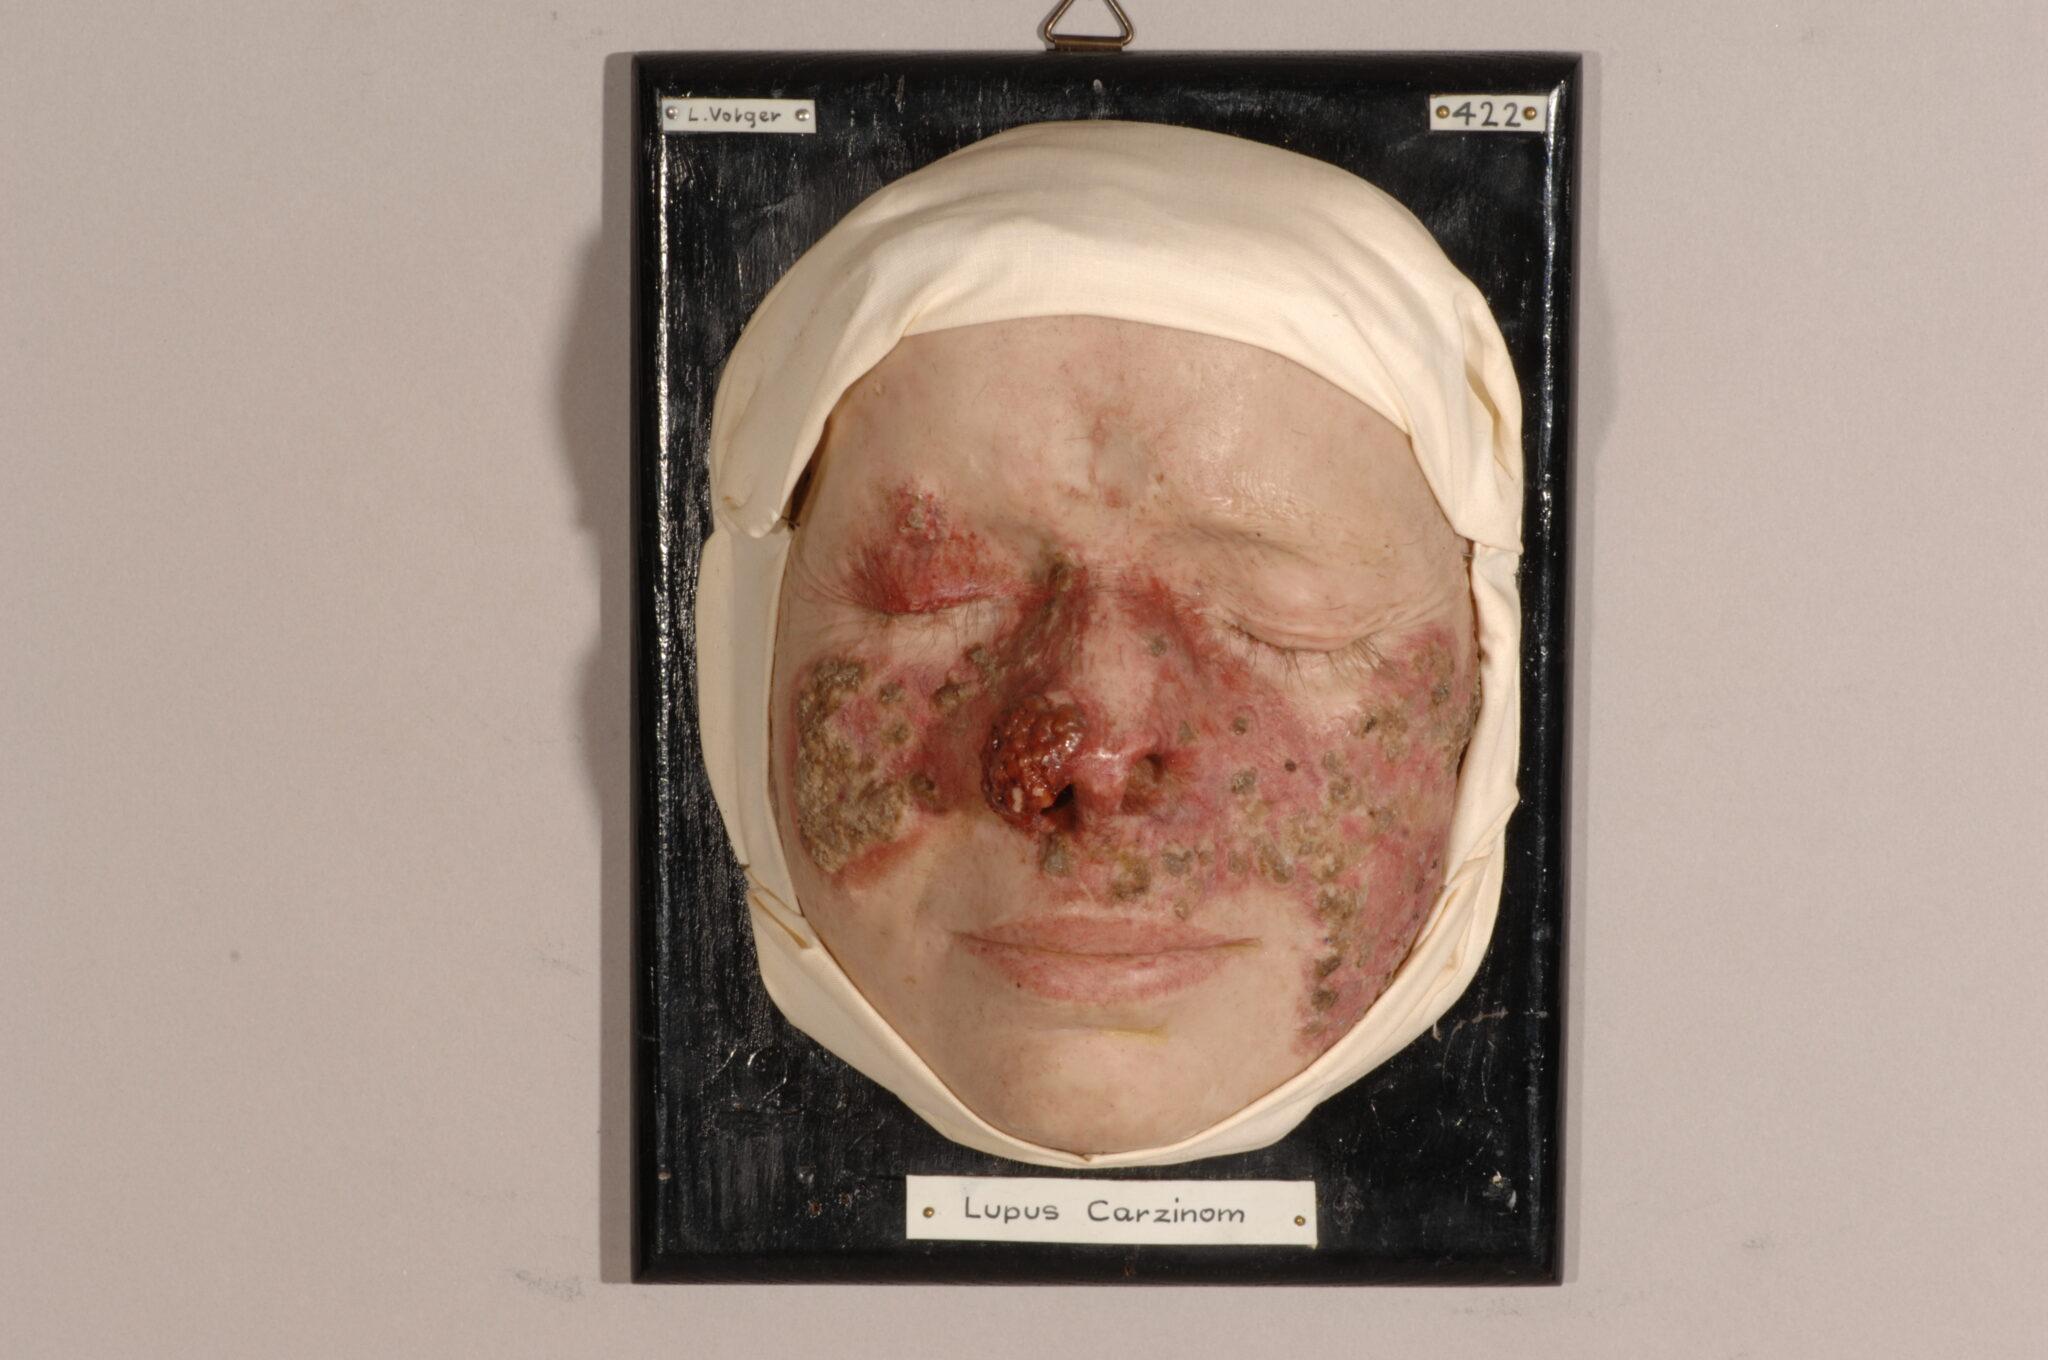 Darstellung von Hautkrebs durch chronische tuberkulöse Entzündung der Haut.